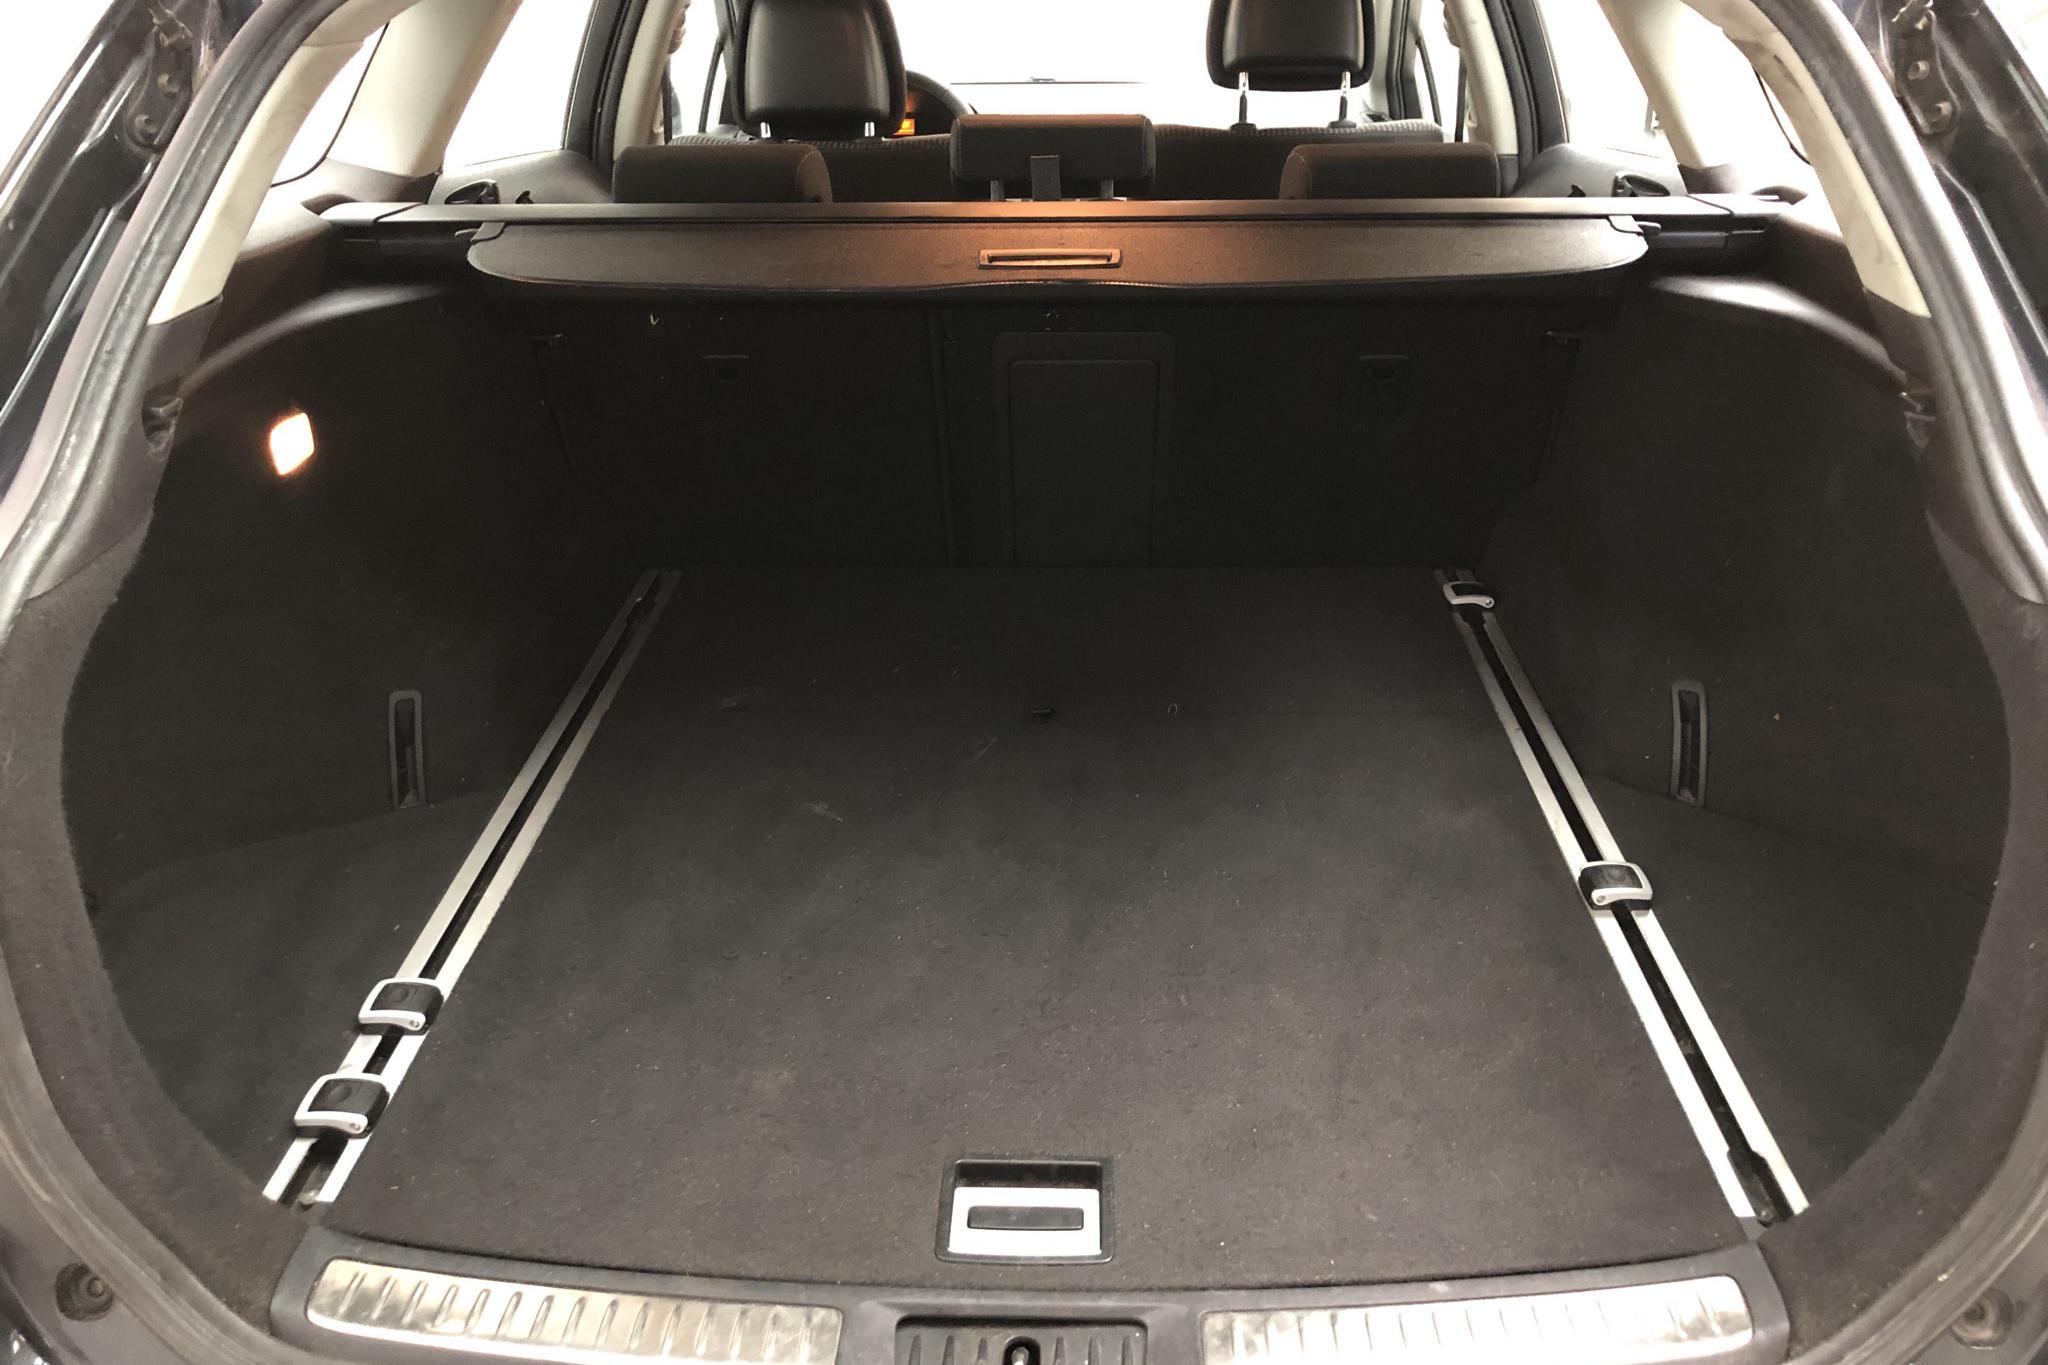 Toyota Avensis 2.0 Kombi (152hk) - 117 730 km - Manual - Dark Blue - 2010